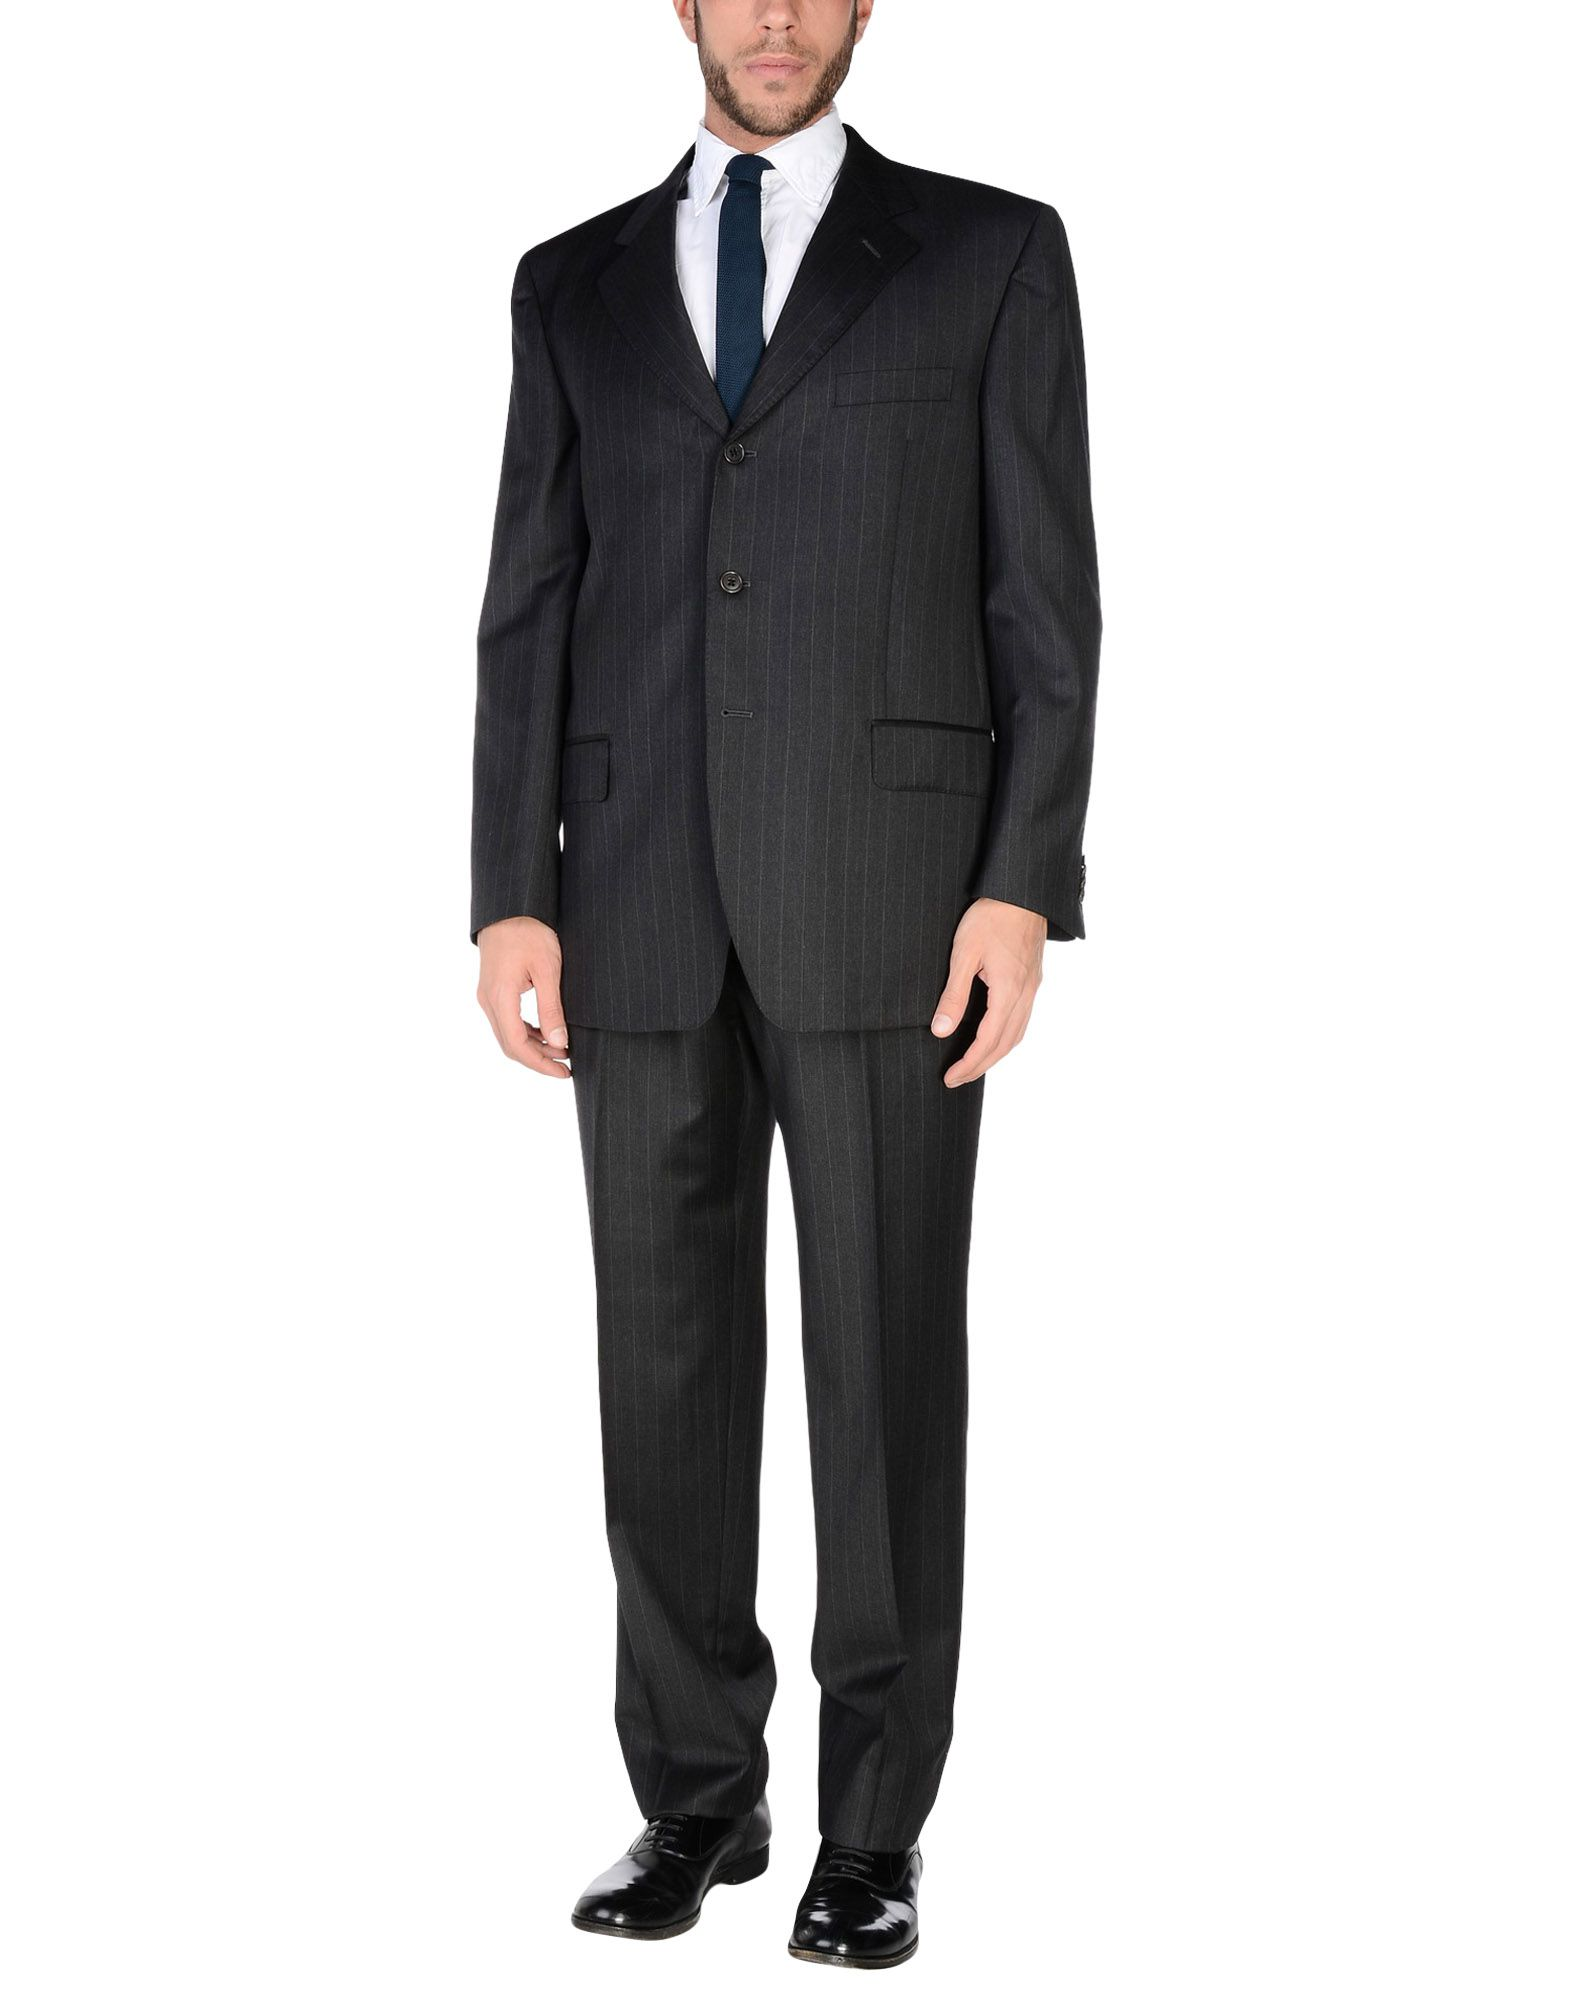 《送料無料》GUERRIERI メンズ スーツ スチールグレー 54 スーパー120 ウール 100%